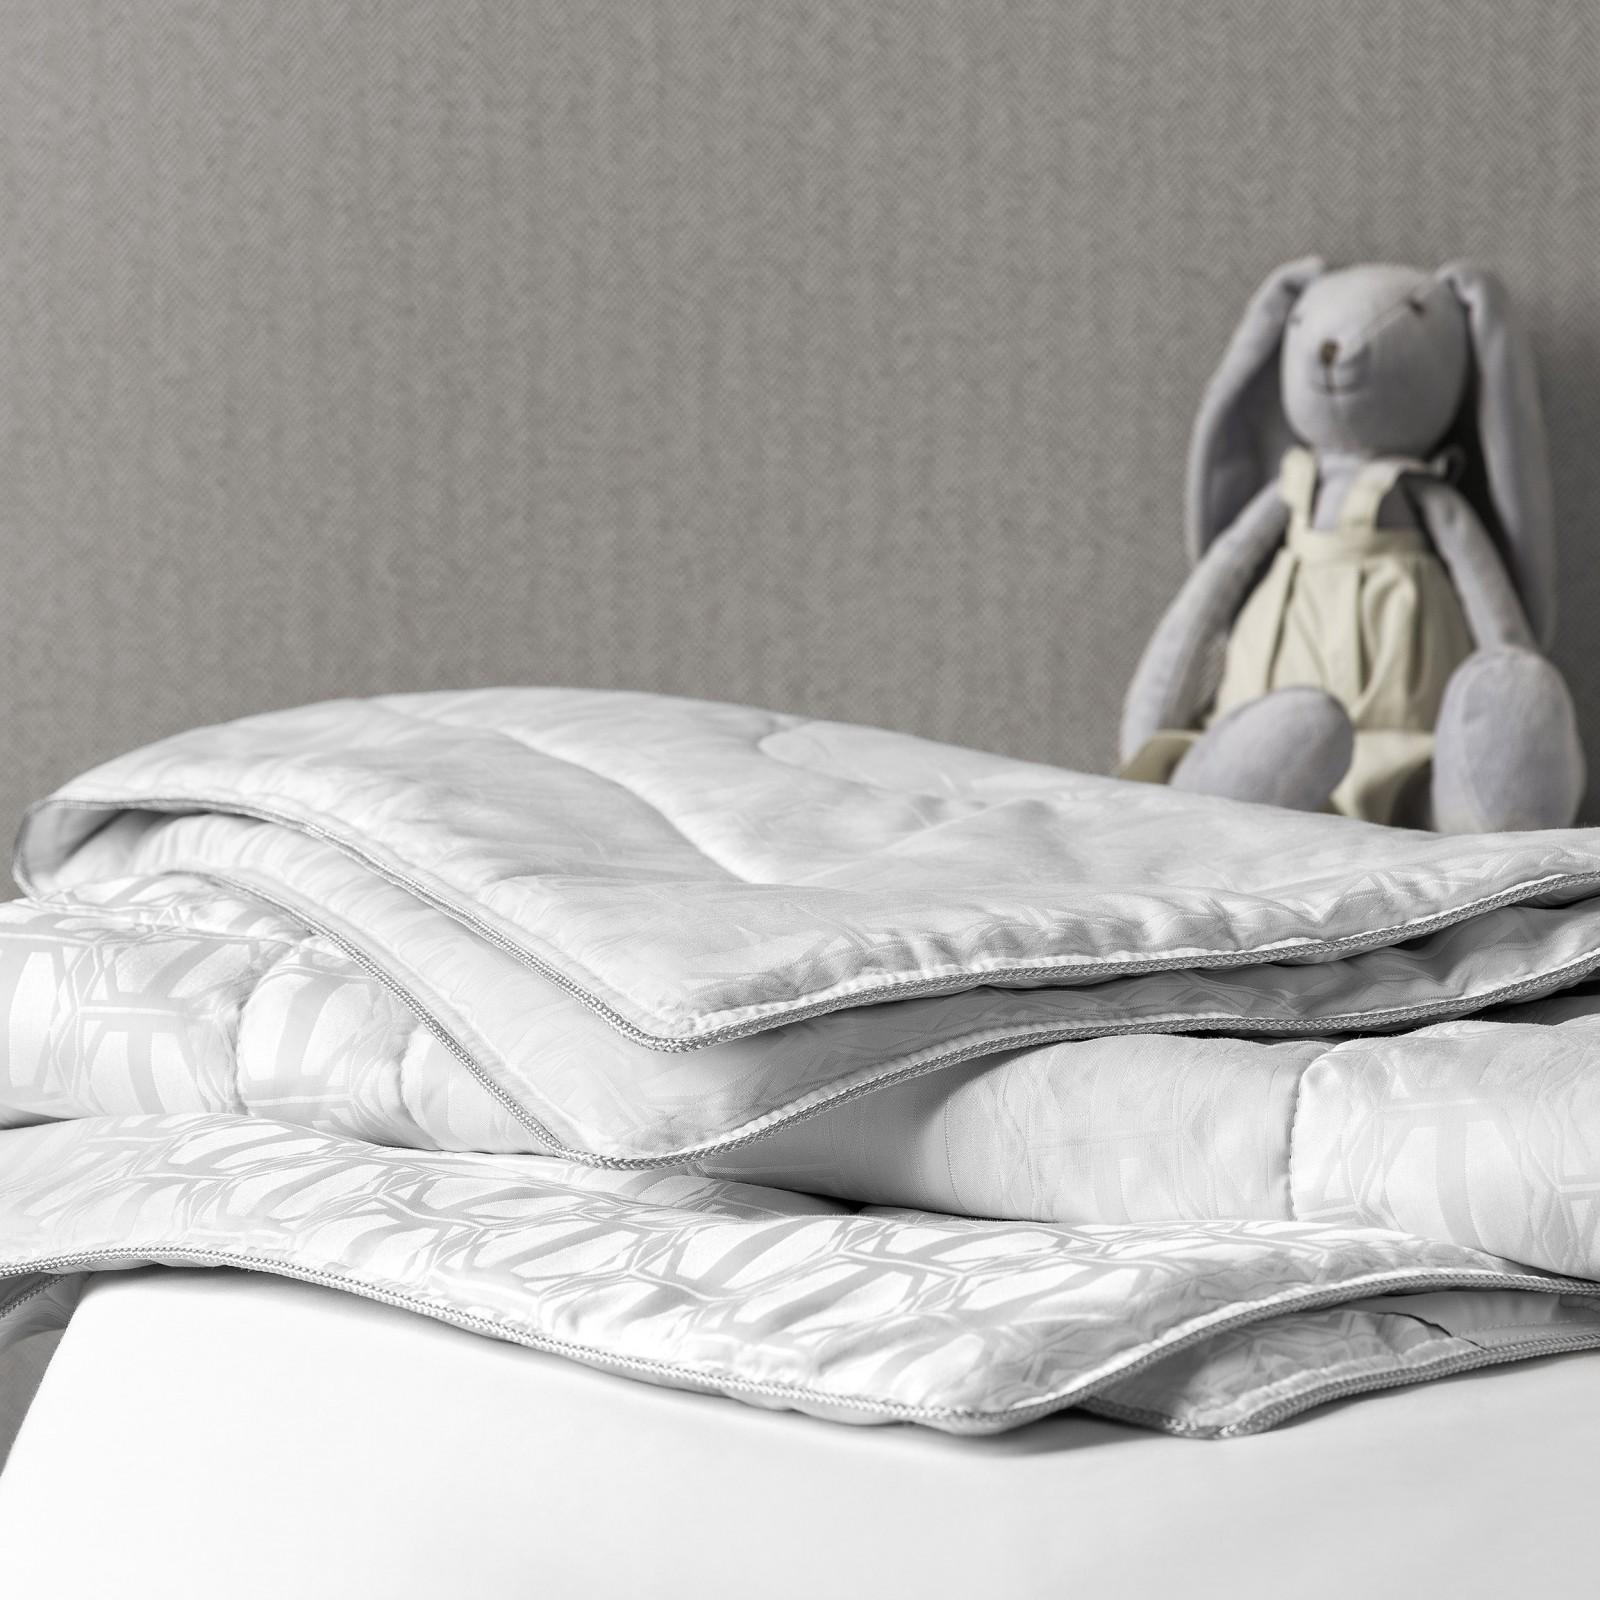 картинки стянутое одеяло фото типичный